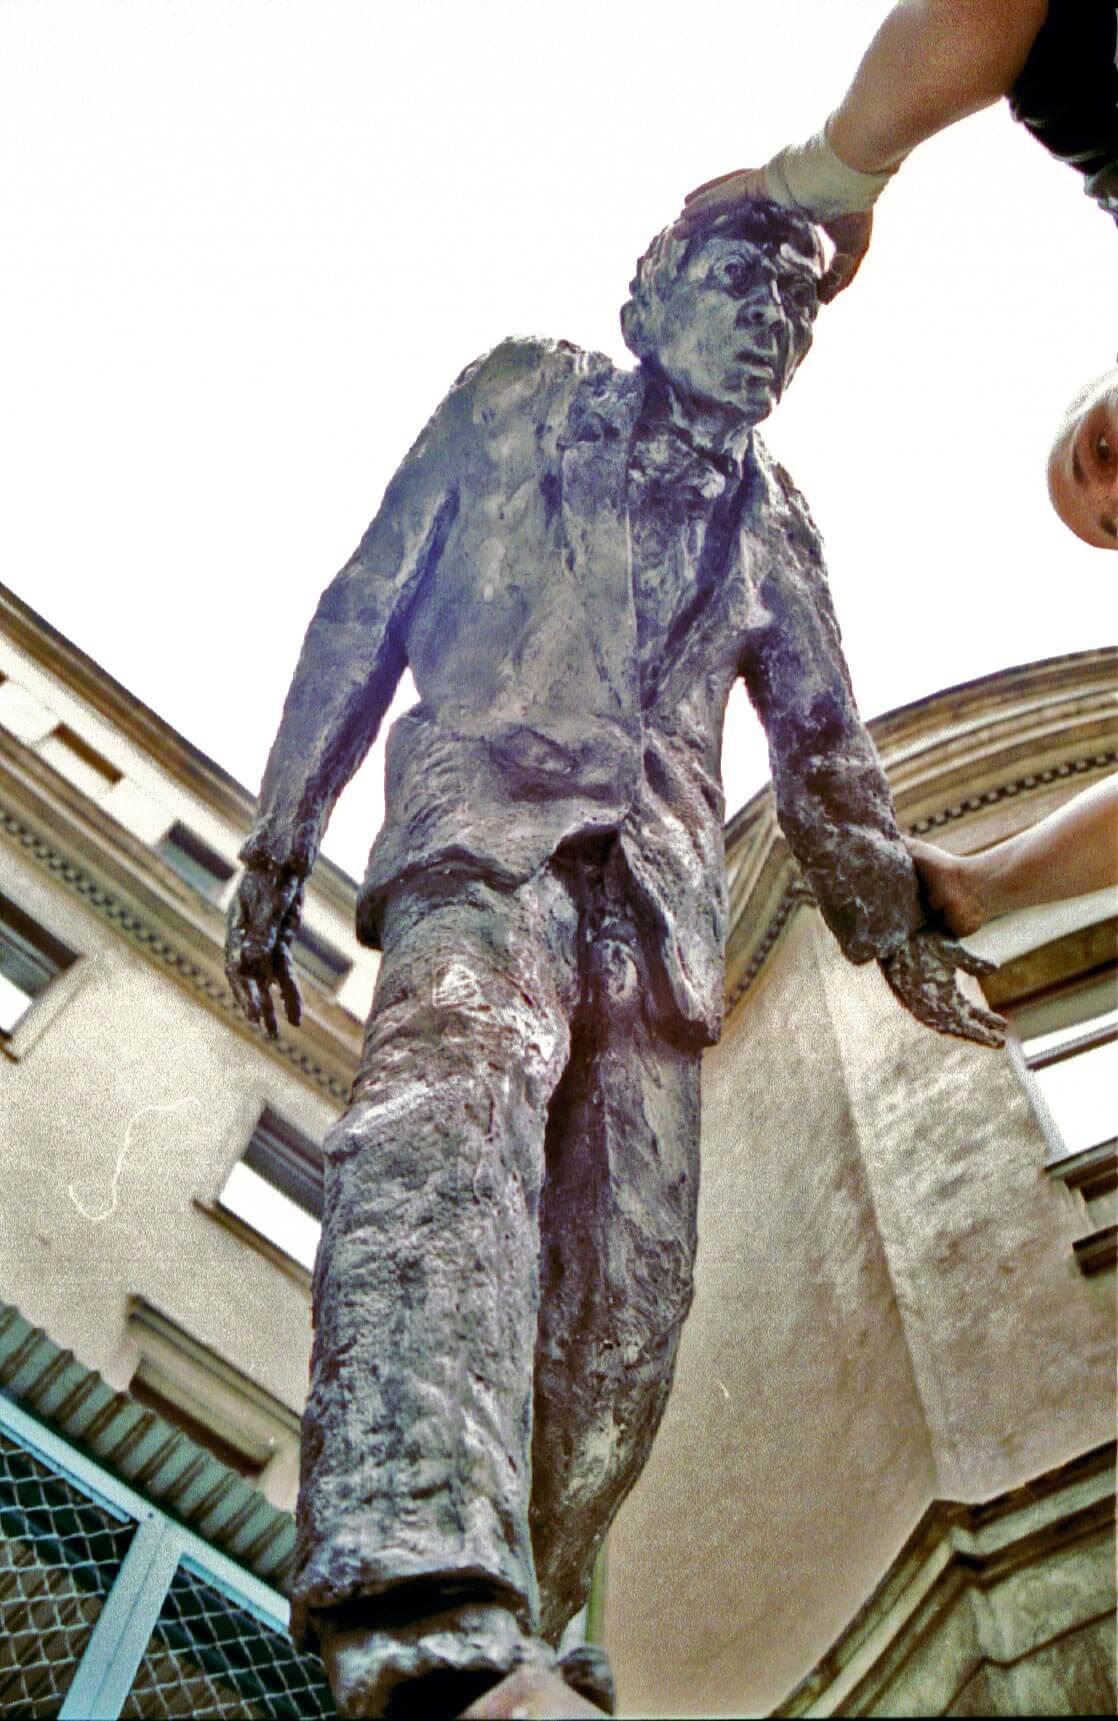 Rzeźba ogrodowa by Norbert Sarnecki